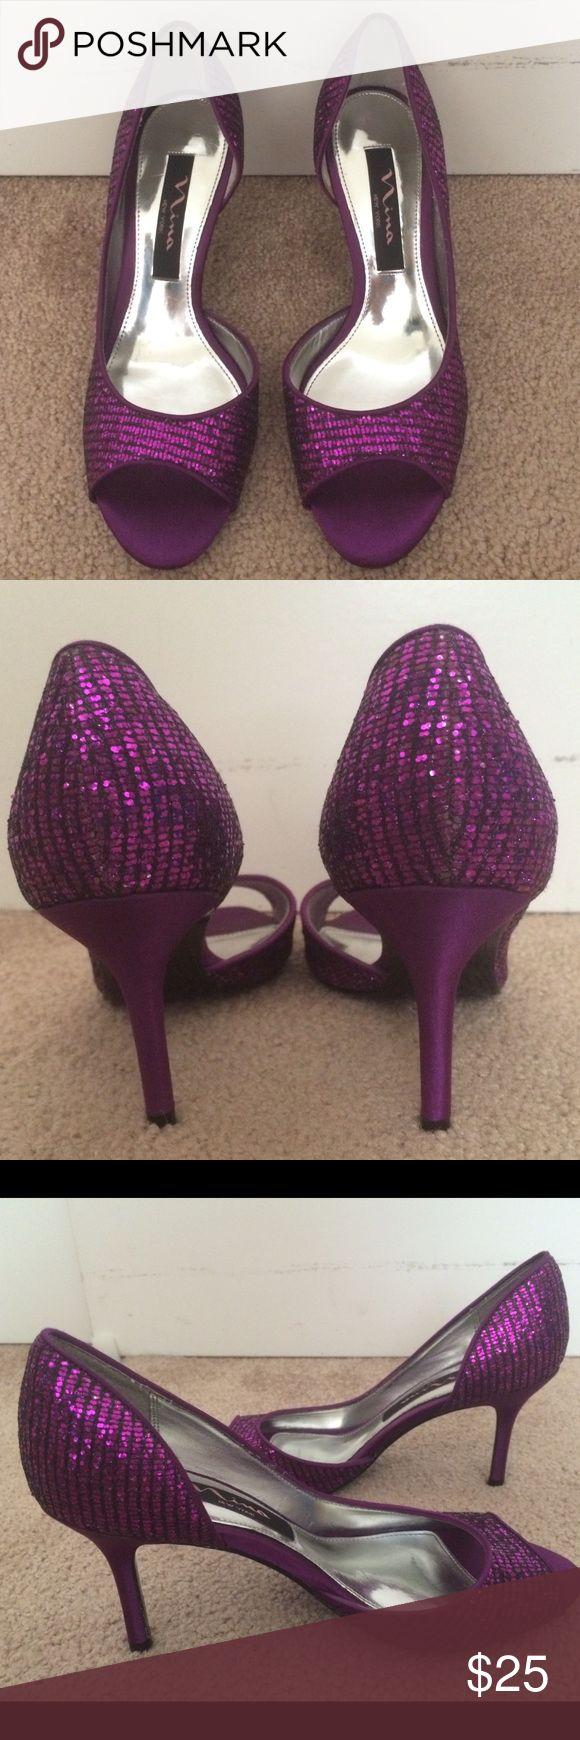 Best 25 Nina shoes ideas on Pinterest